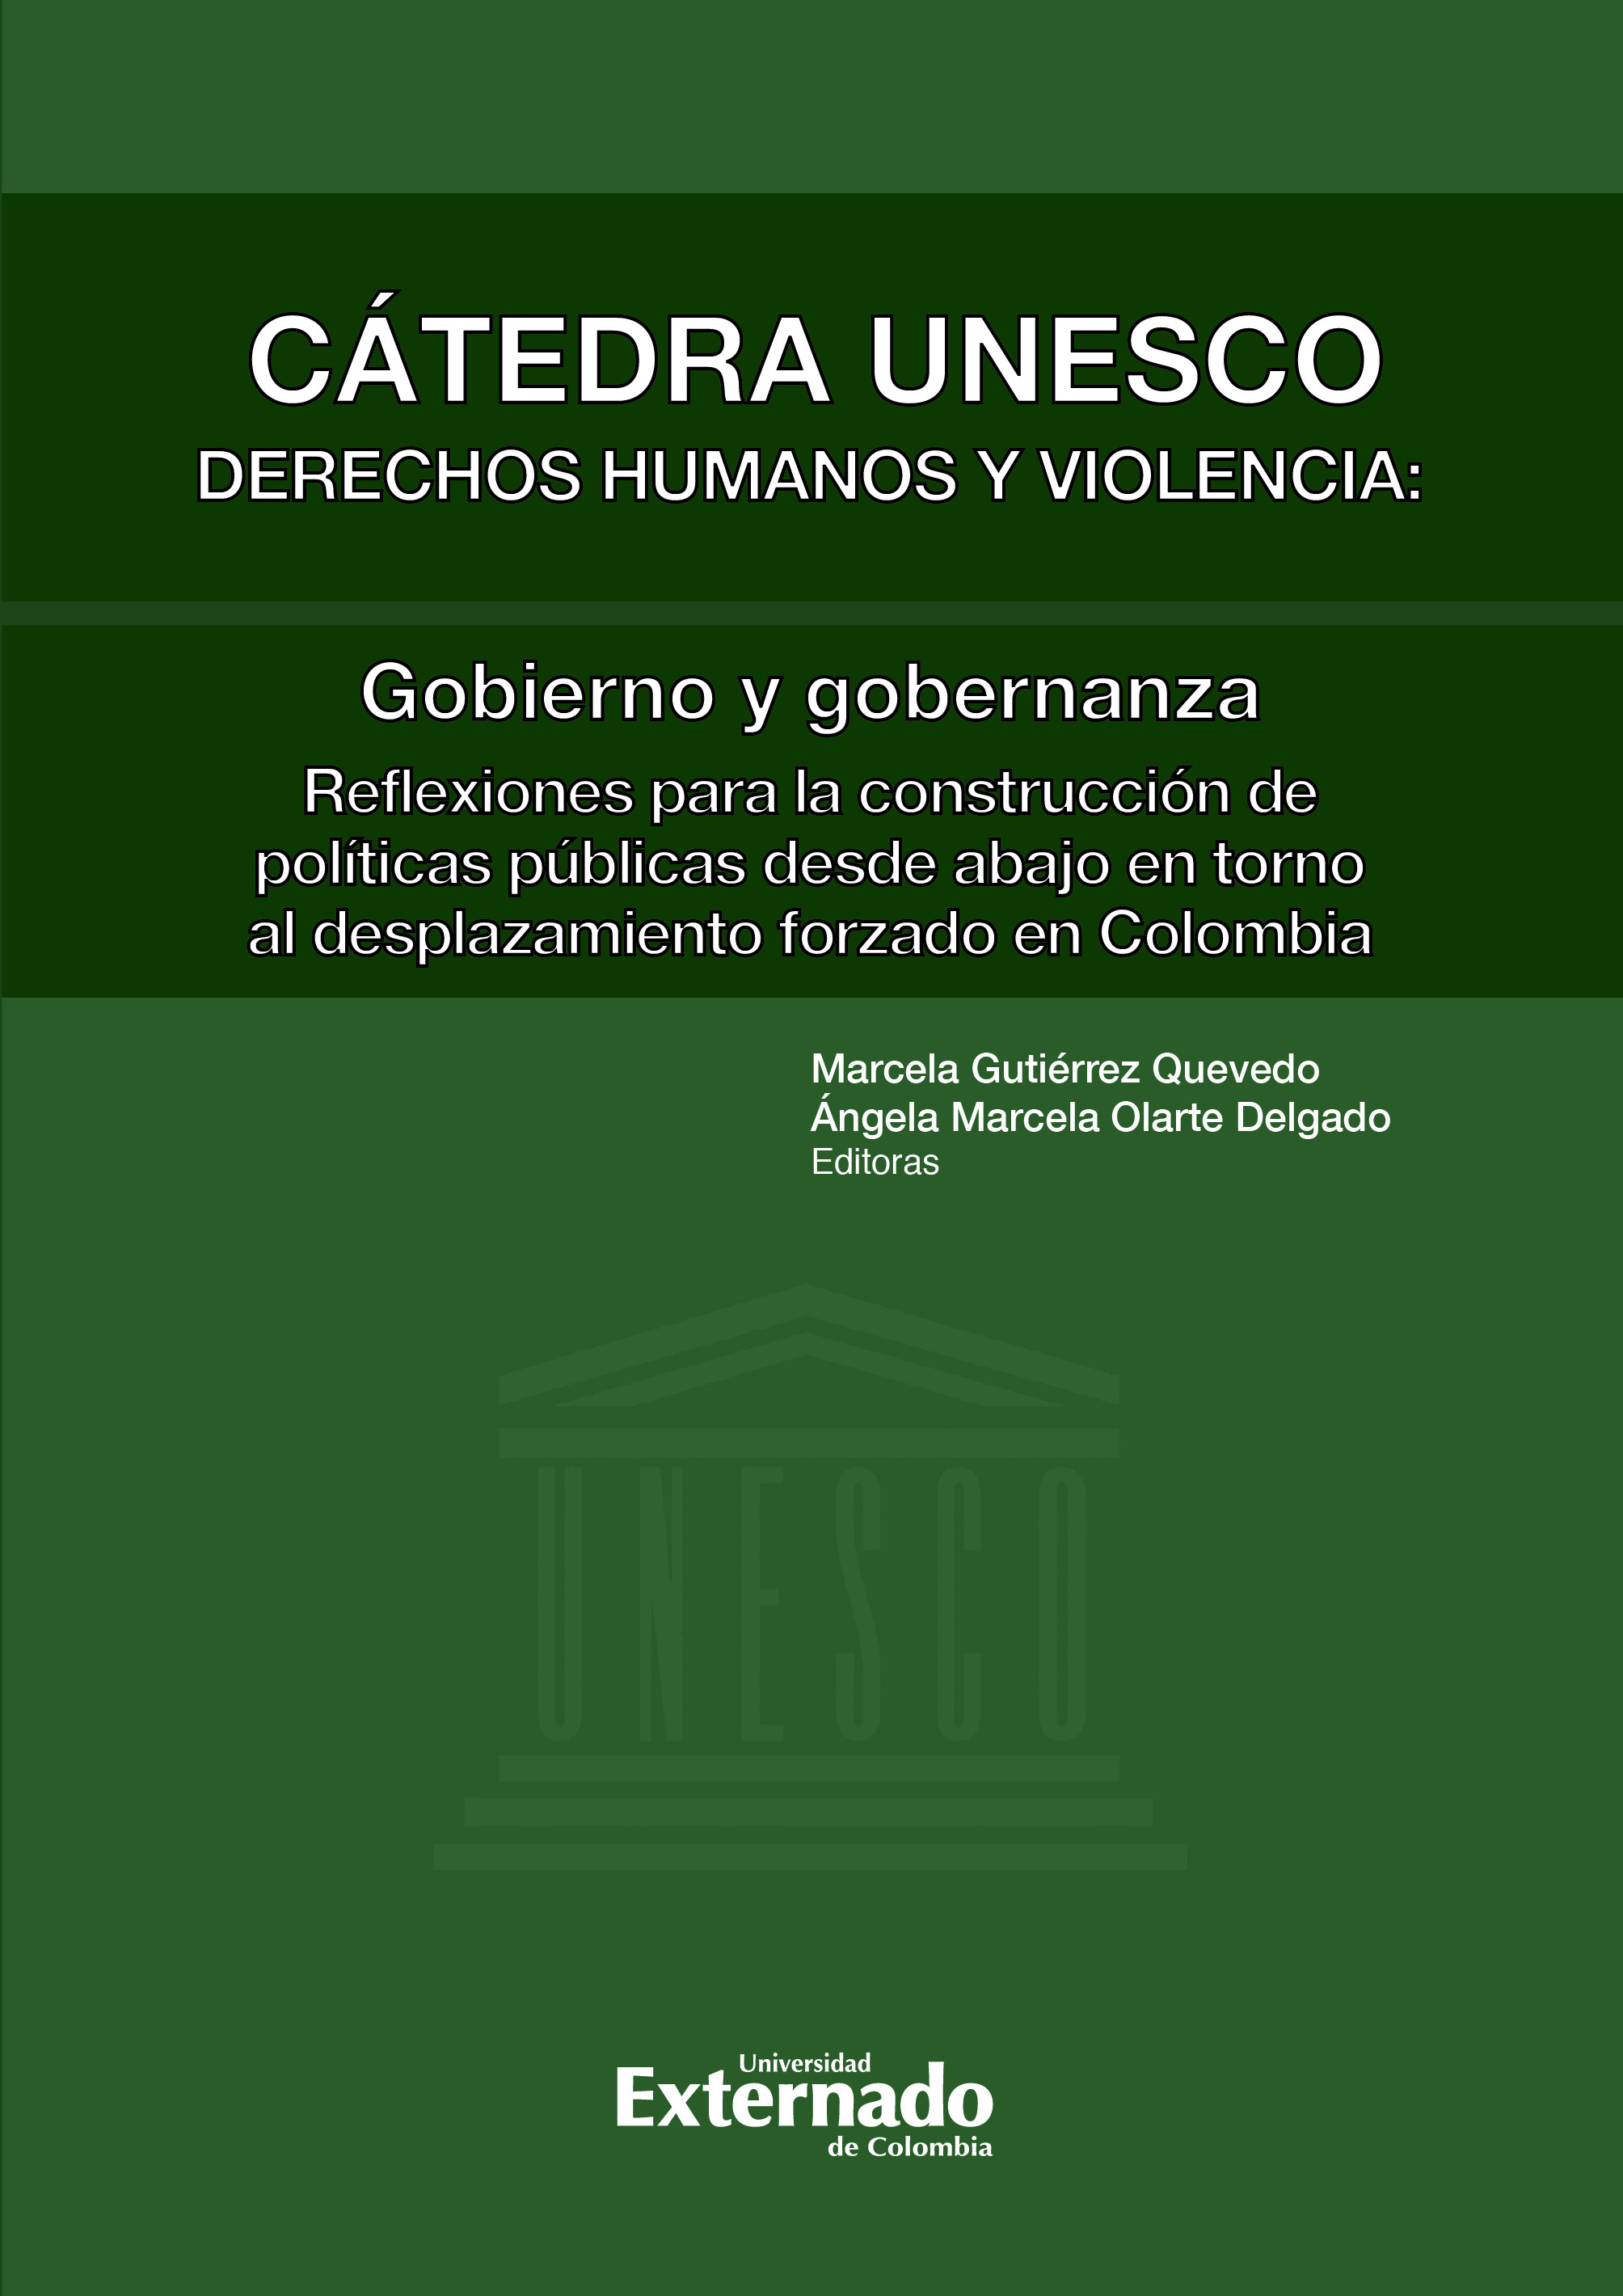 Reflexiones para la construcción de políticas públicas desde abajo en torno al desplazamiento forzado en Colombia. Cátedra UNESCO No. 10